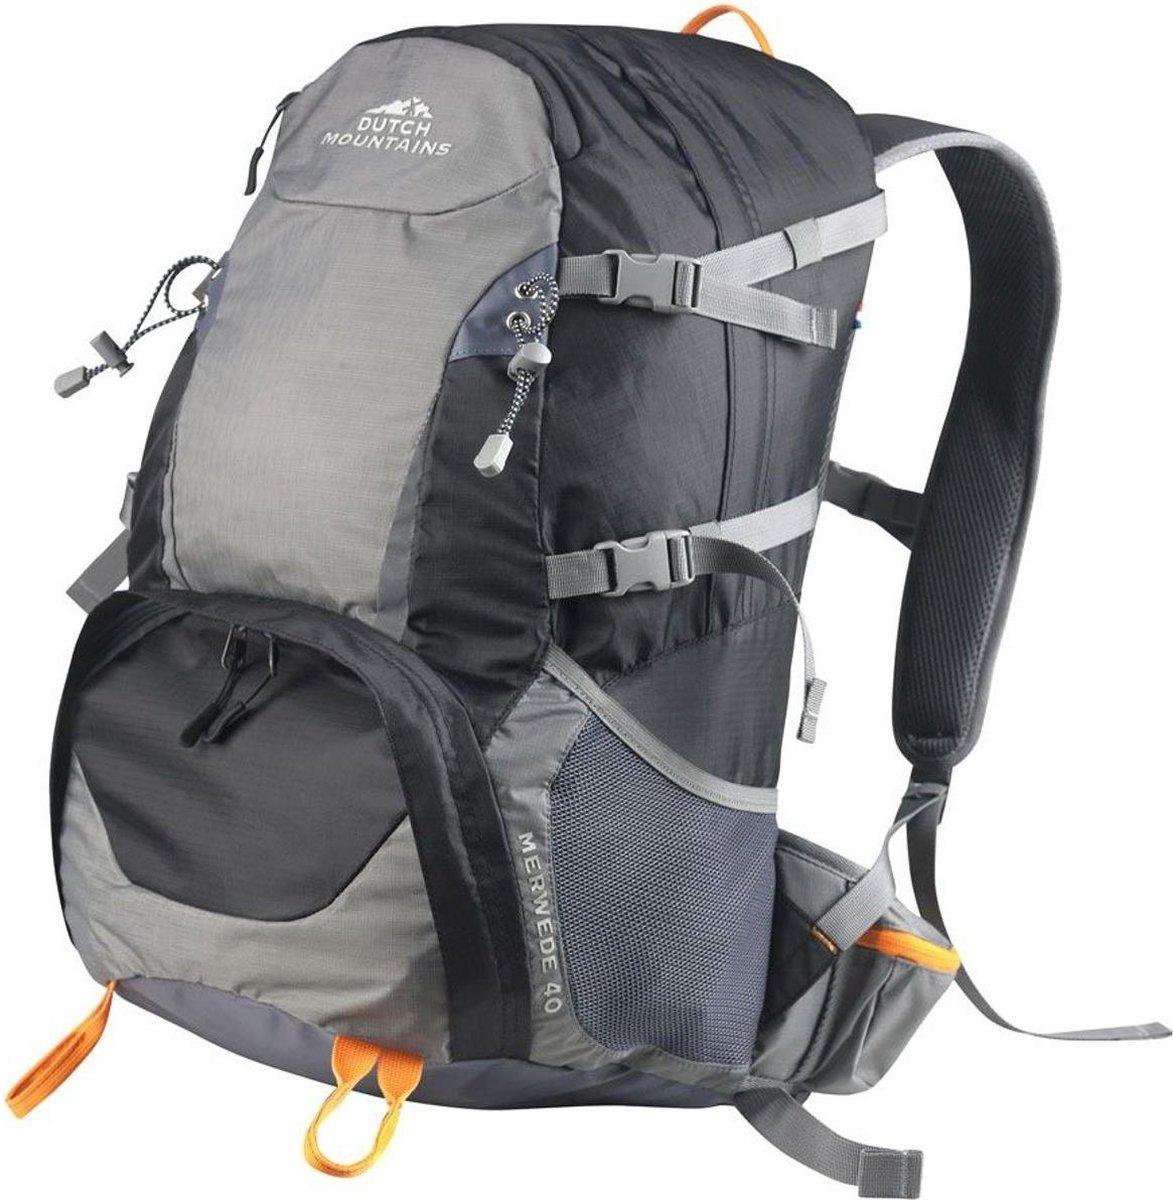 Dutch Mountains® 'Merwede' Backpack - Wandel Rugzak - Inclusief Regenhoes - 40 Liter - Zwart